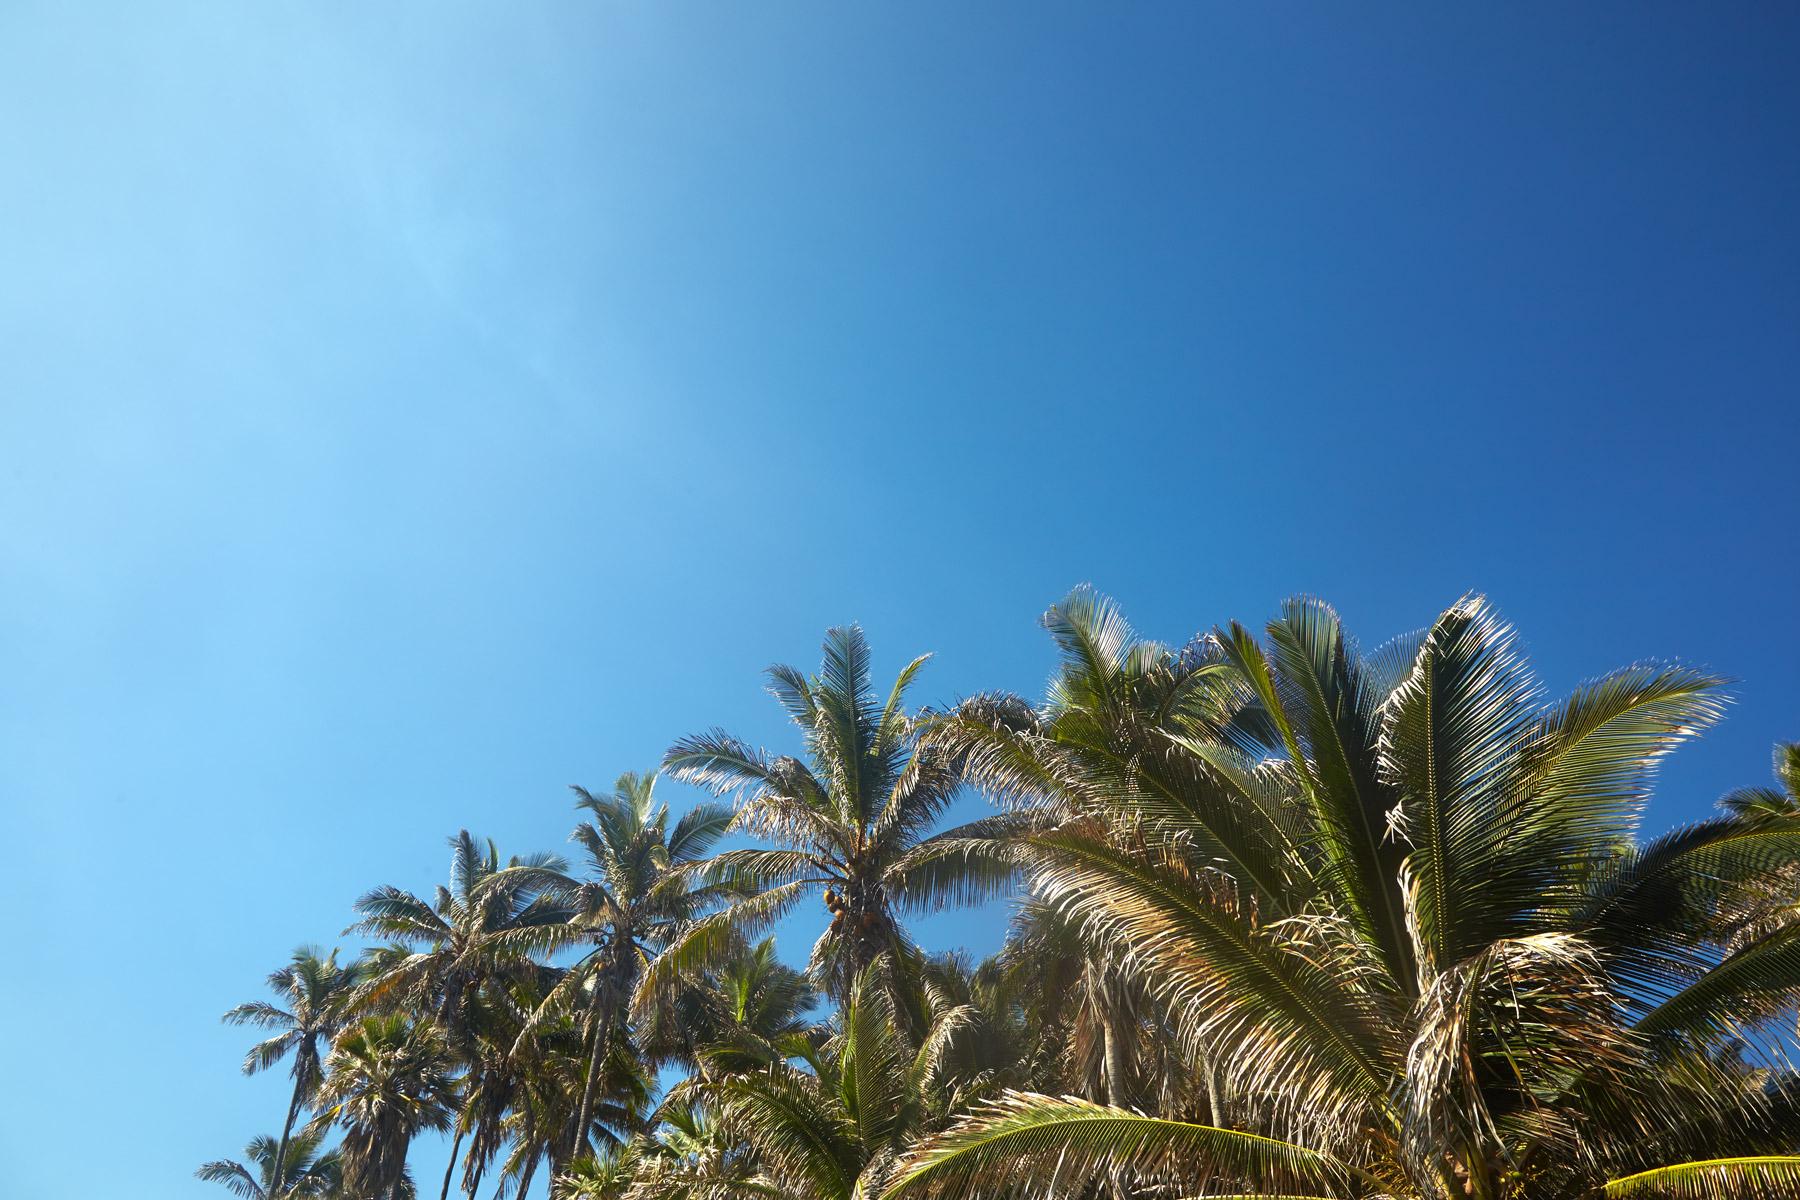 Hawaii_Big_Island_Palm_Trees.jpg